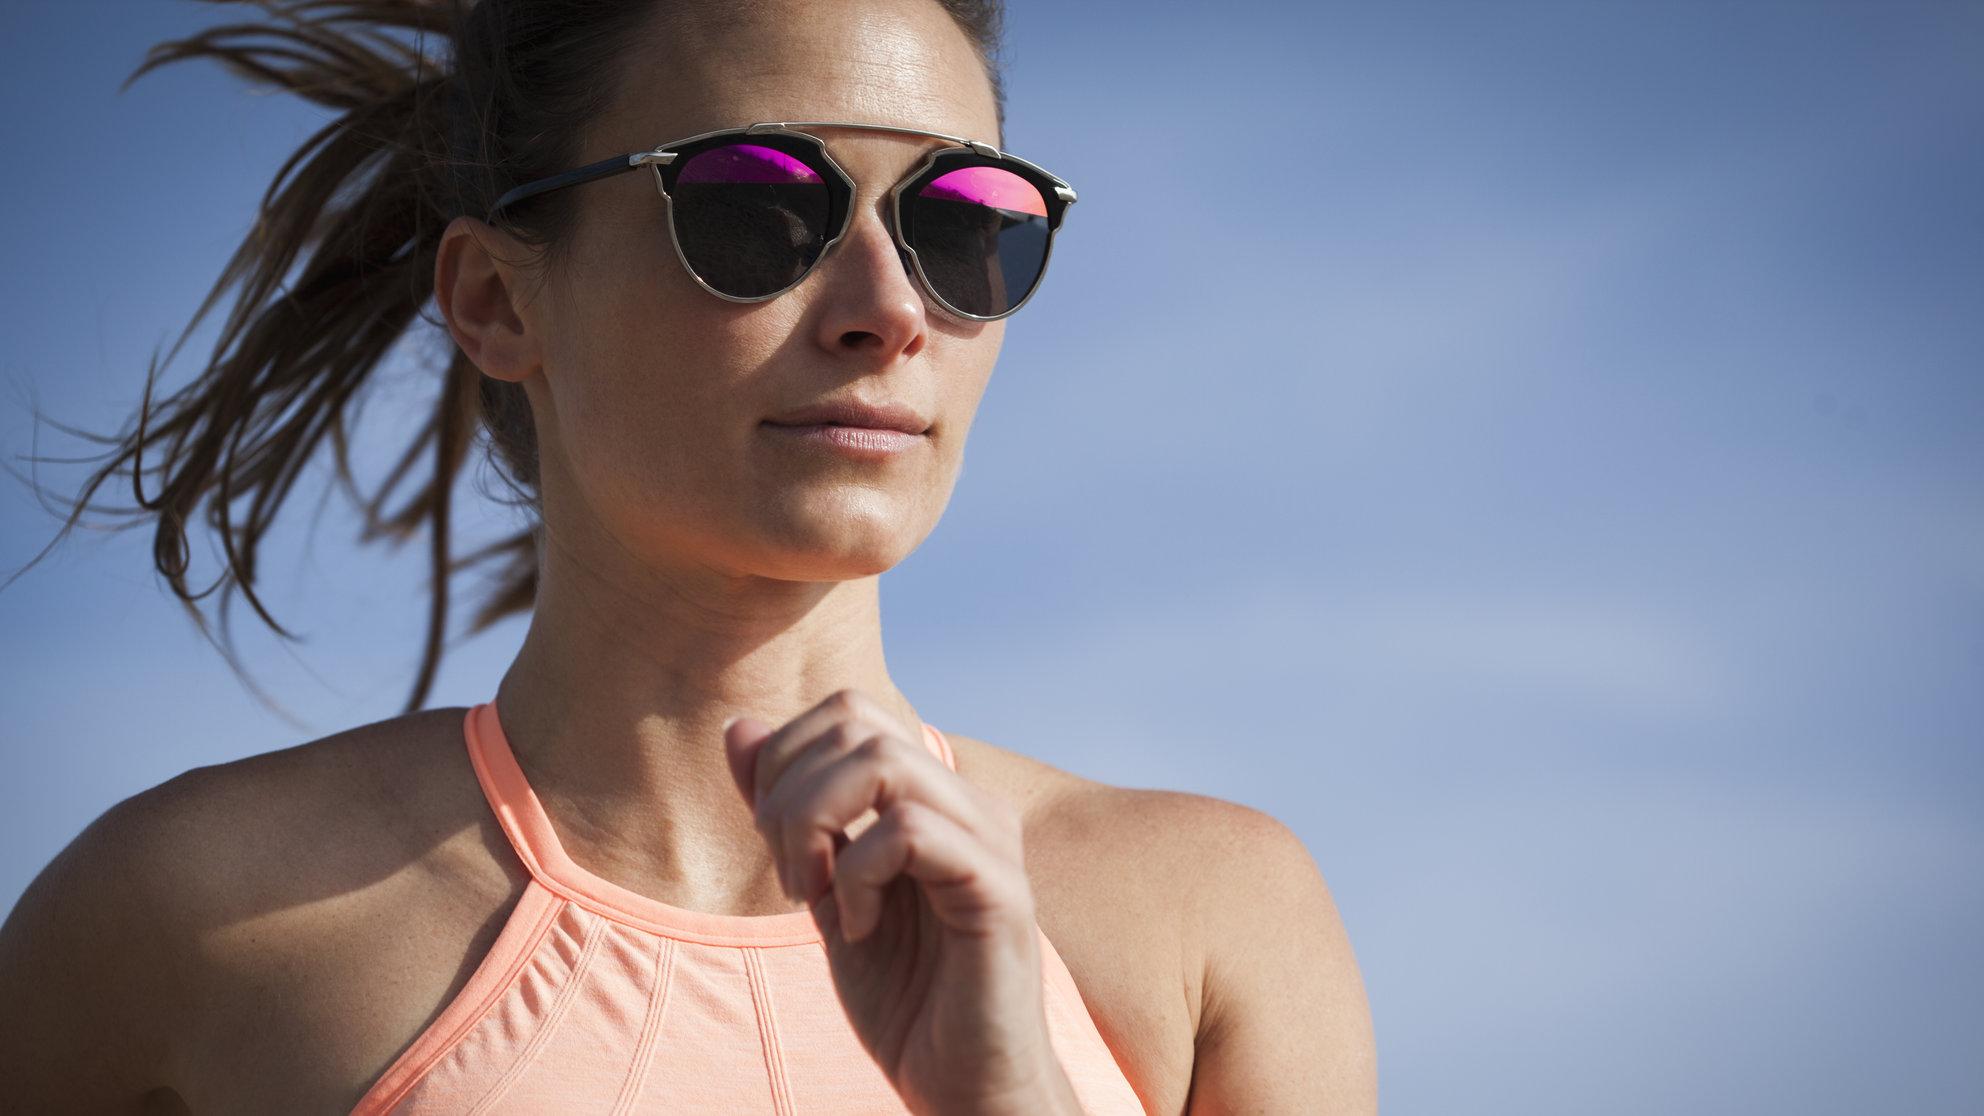 Lunettes de running : comment bien les choisir ?